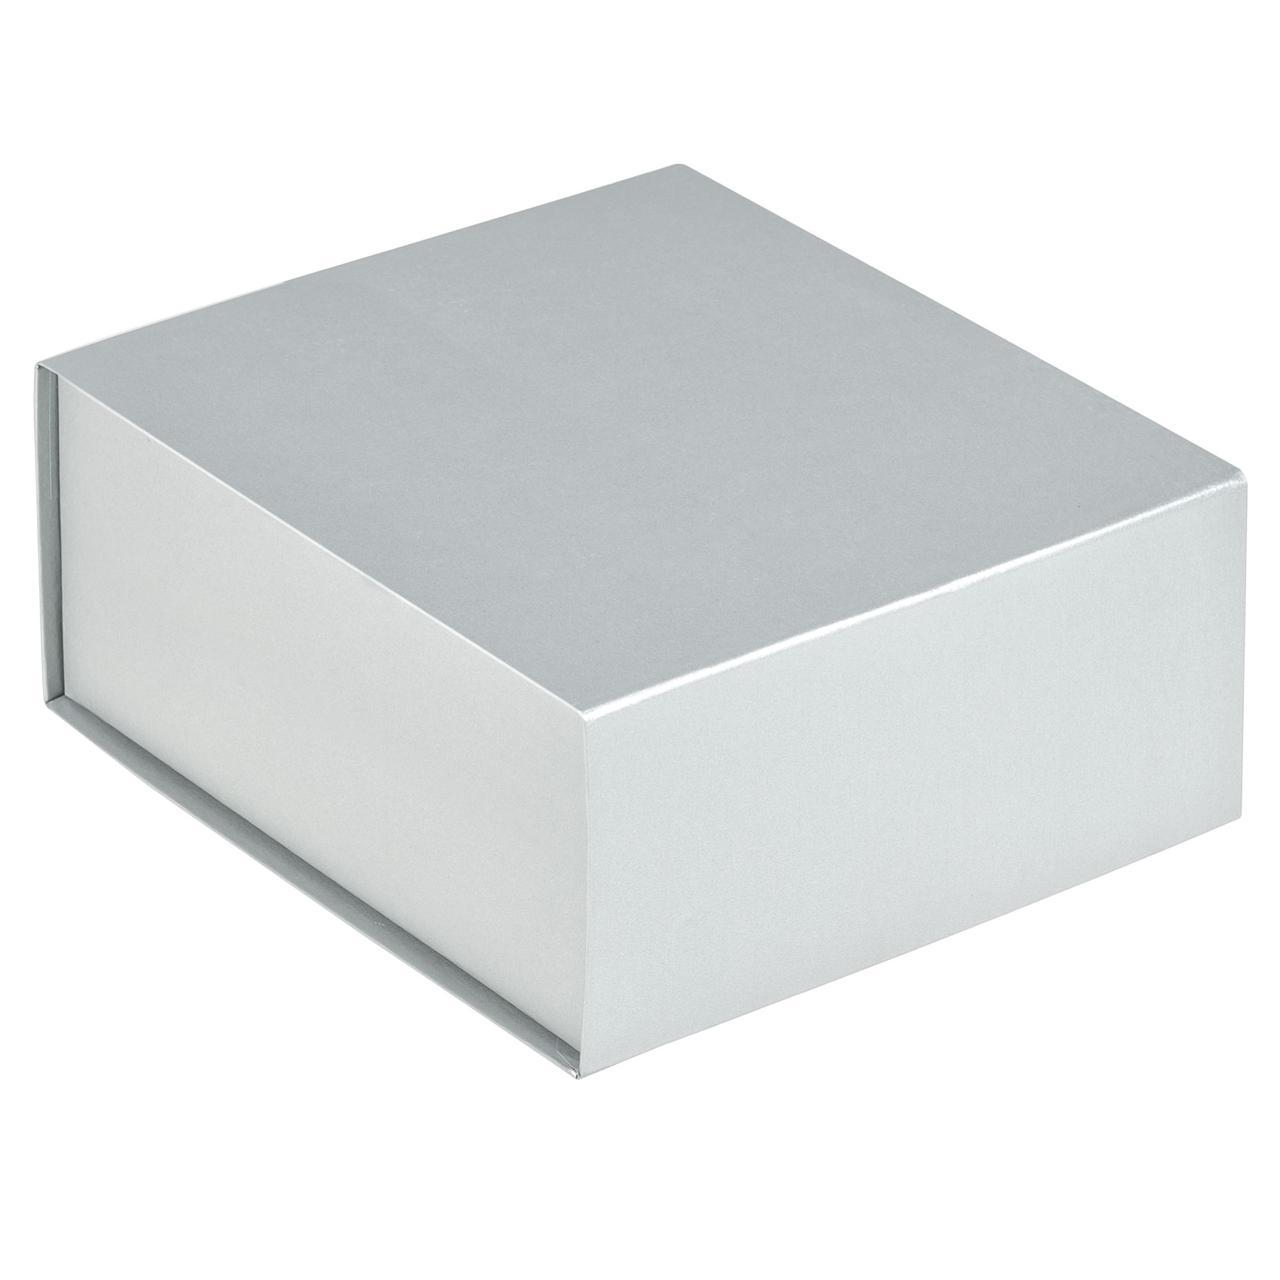 Коробка Amaze, серебристая (артикул 7586.10)